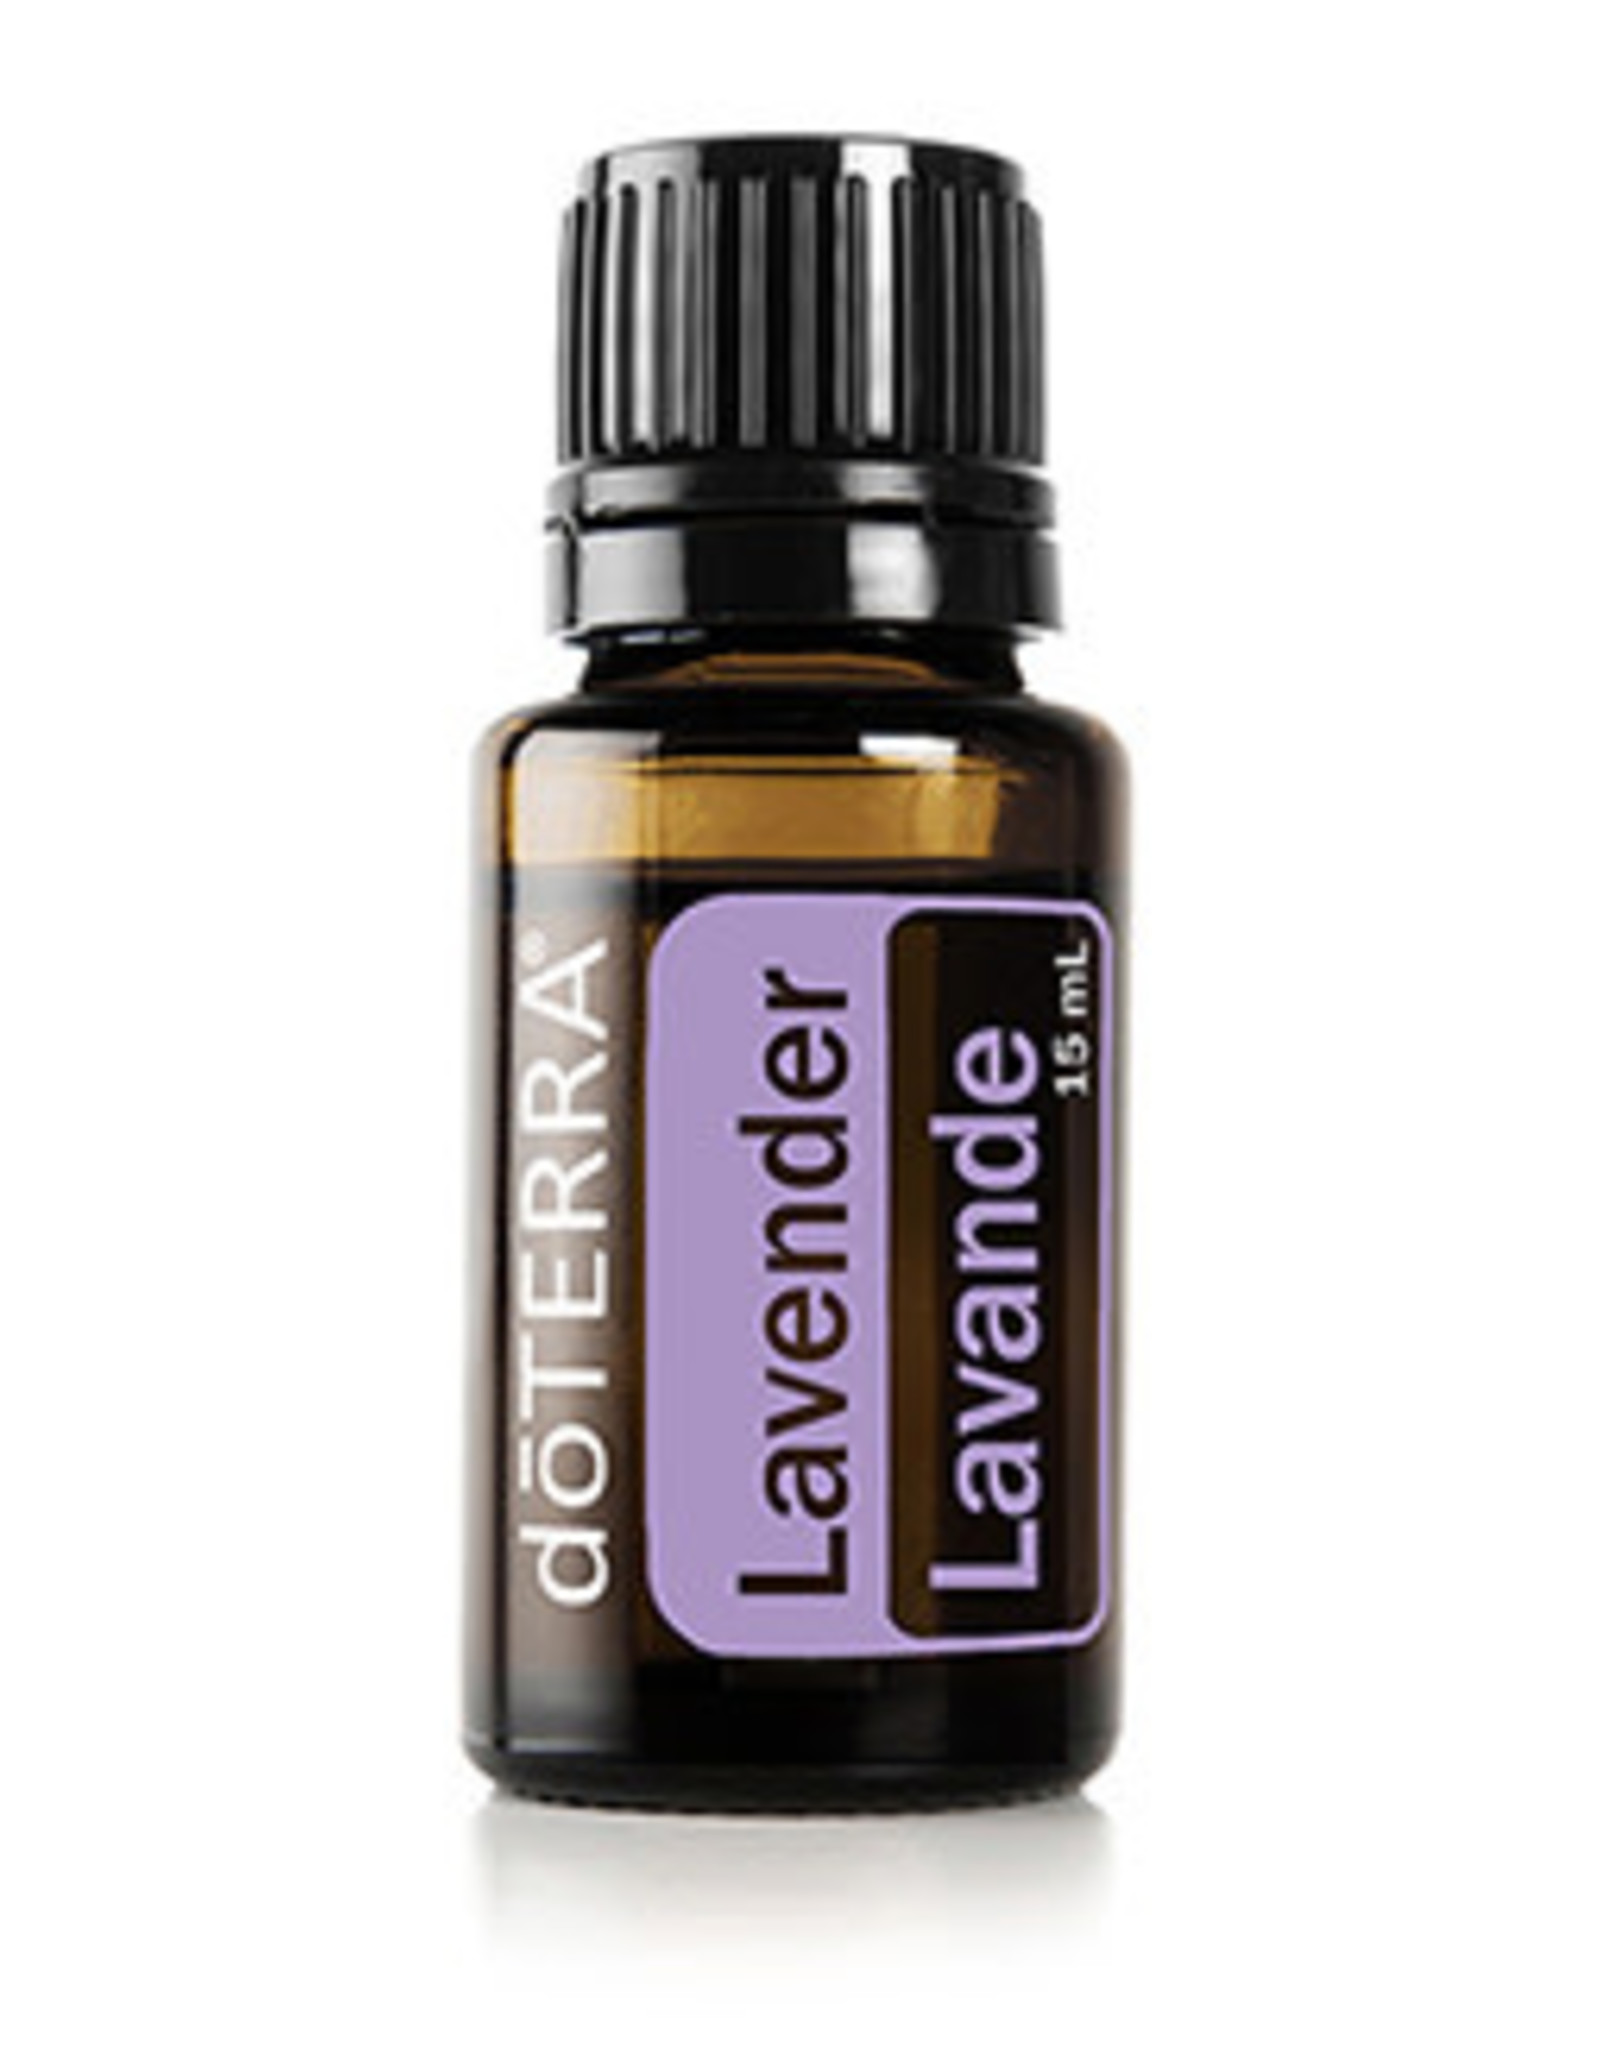 DoTerra DoTerra - Lavender Oil, 15 ml